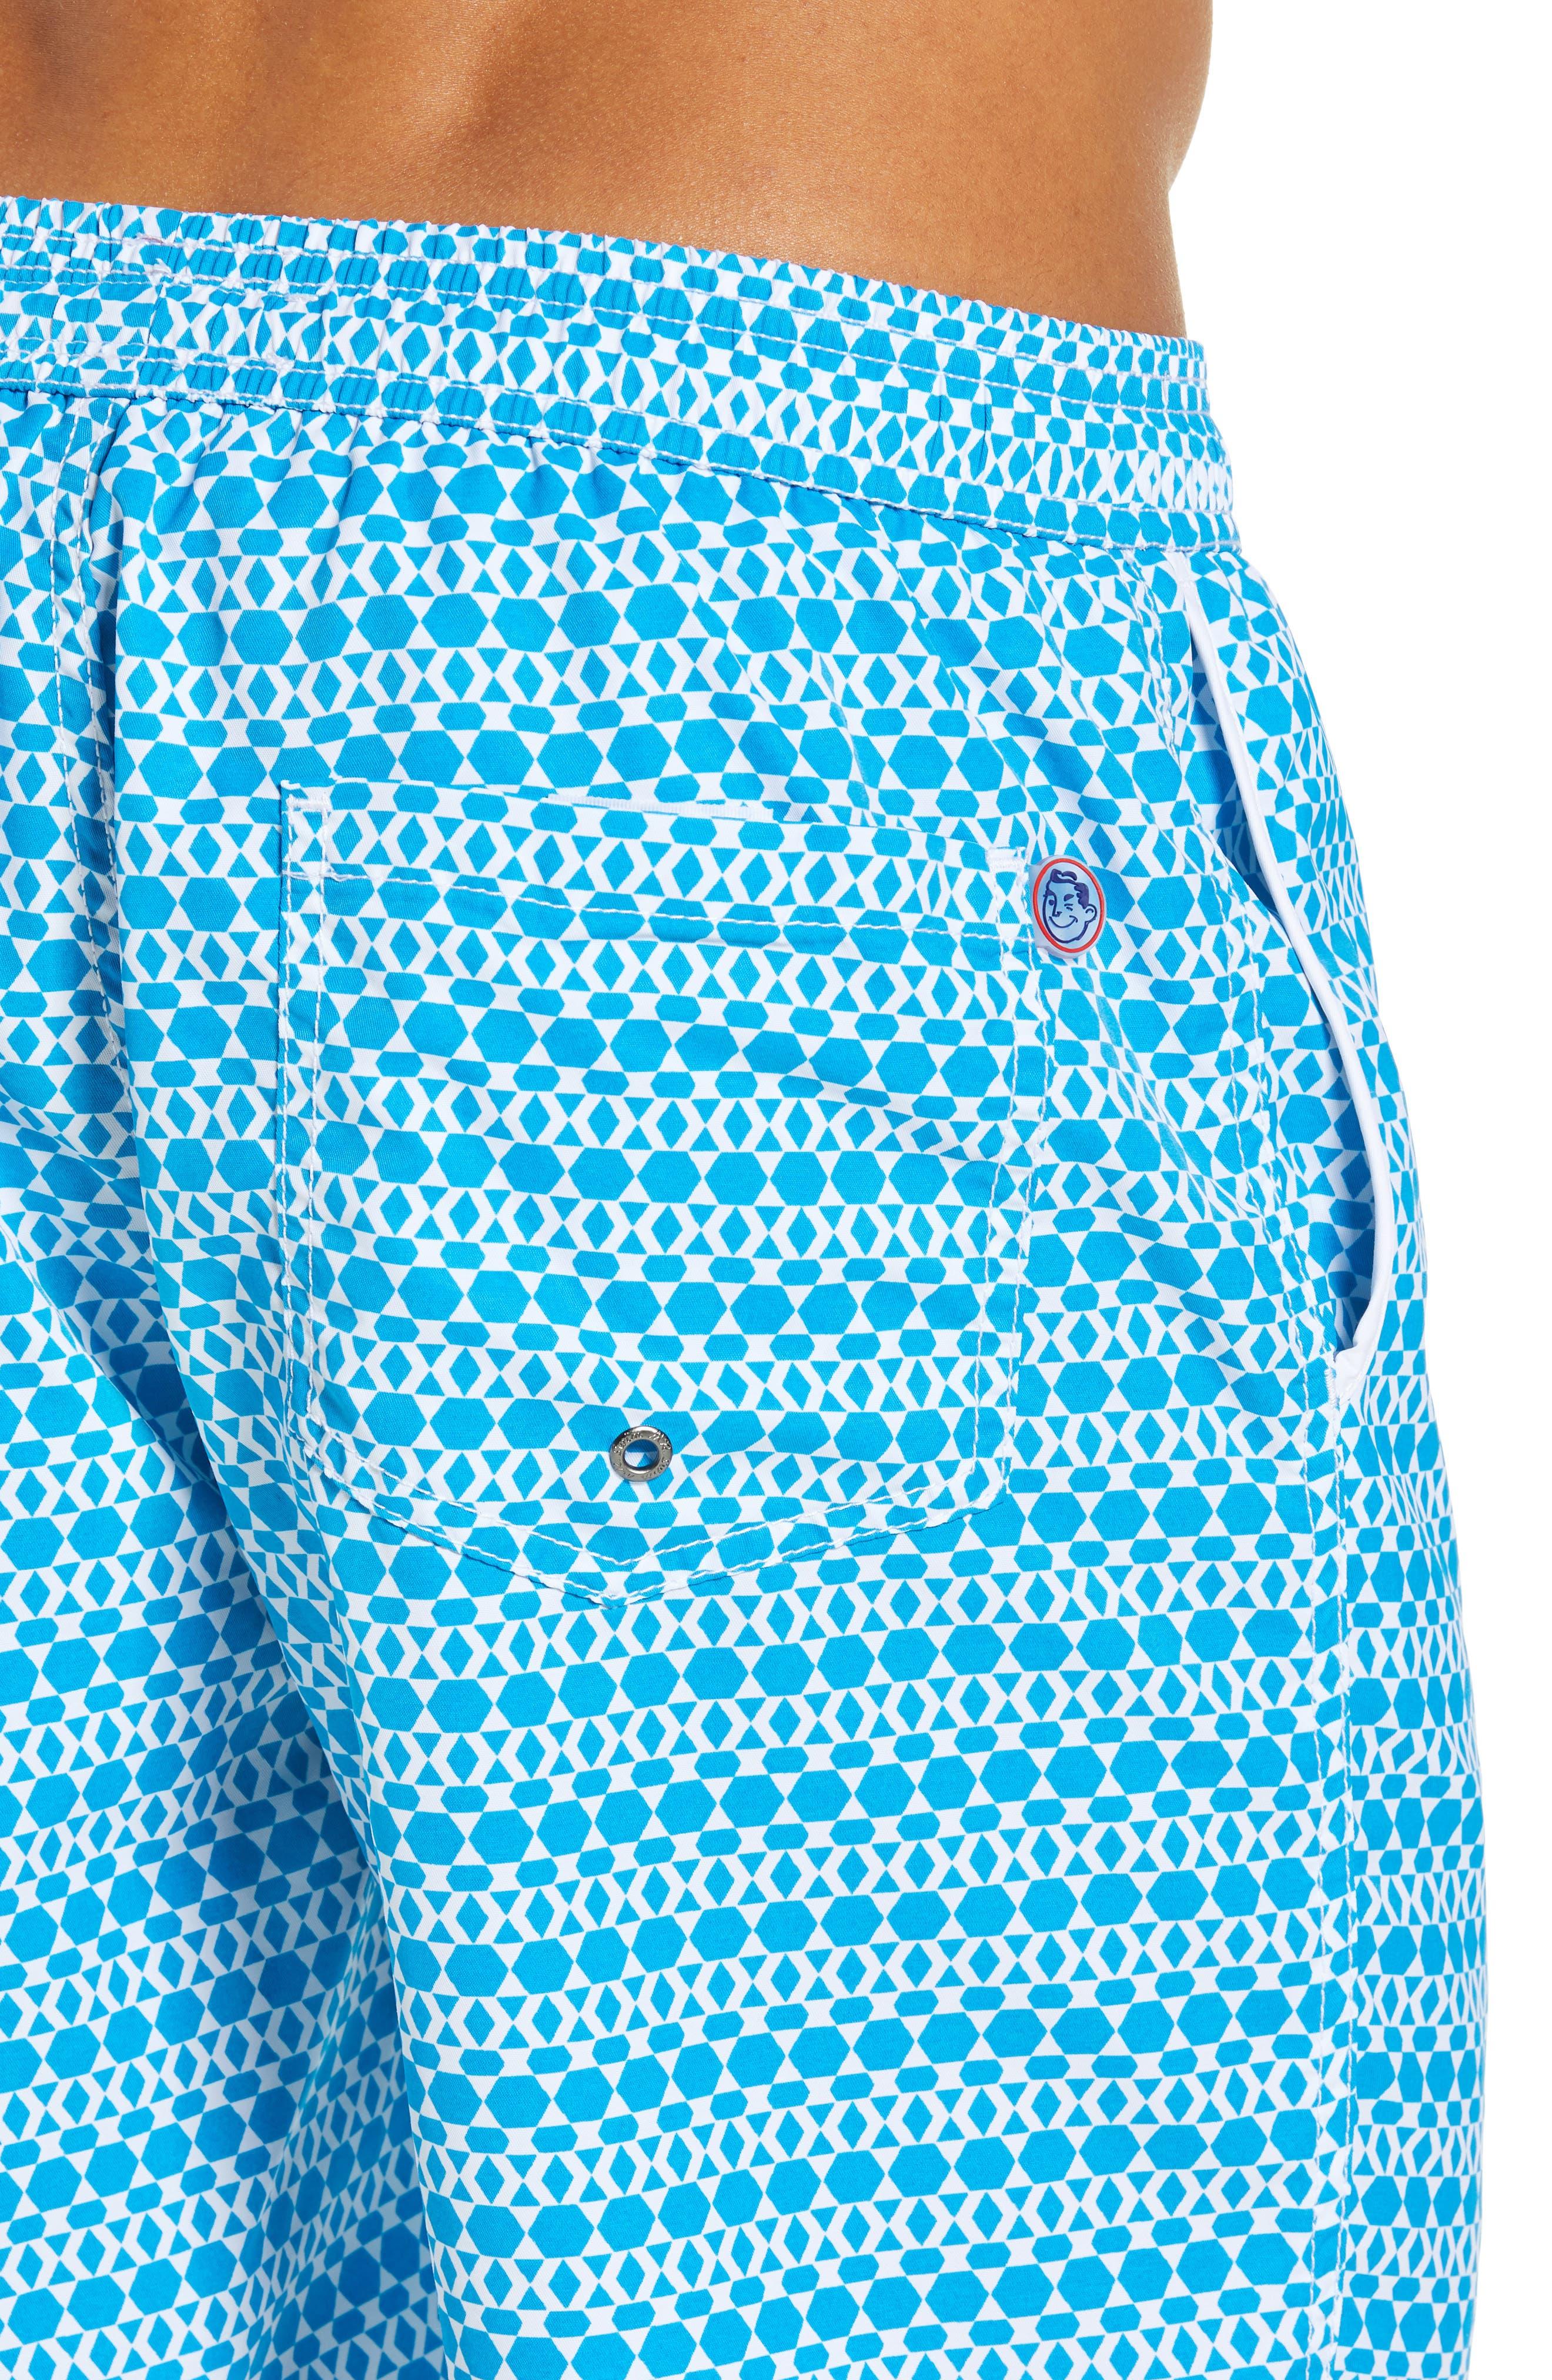 Mr. Swim Hexagon Stripe Swim Trunks,                             Alternate thumbnail 4, color,                             NAVY